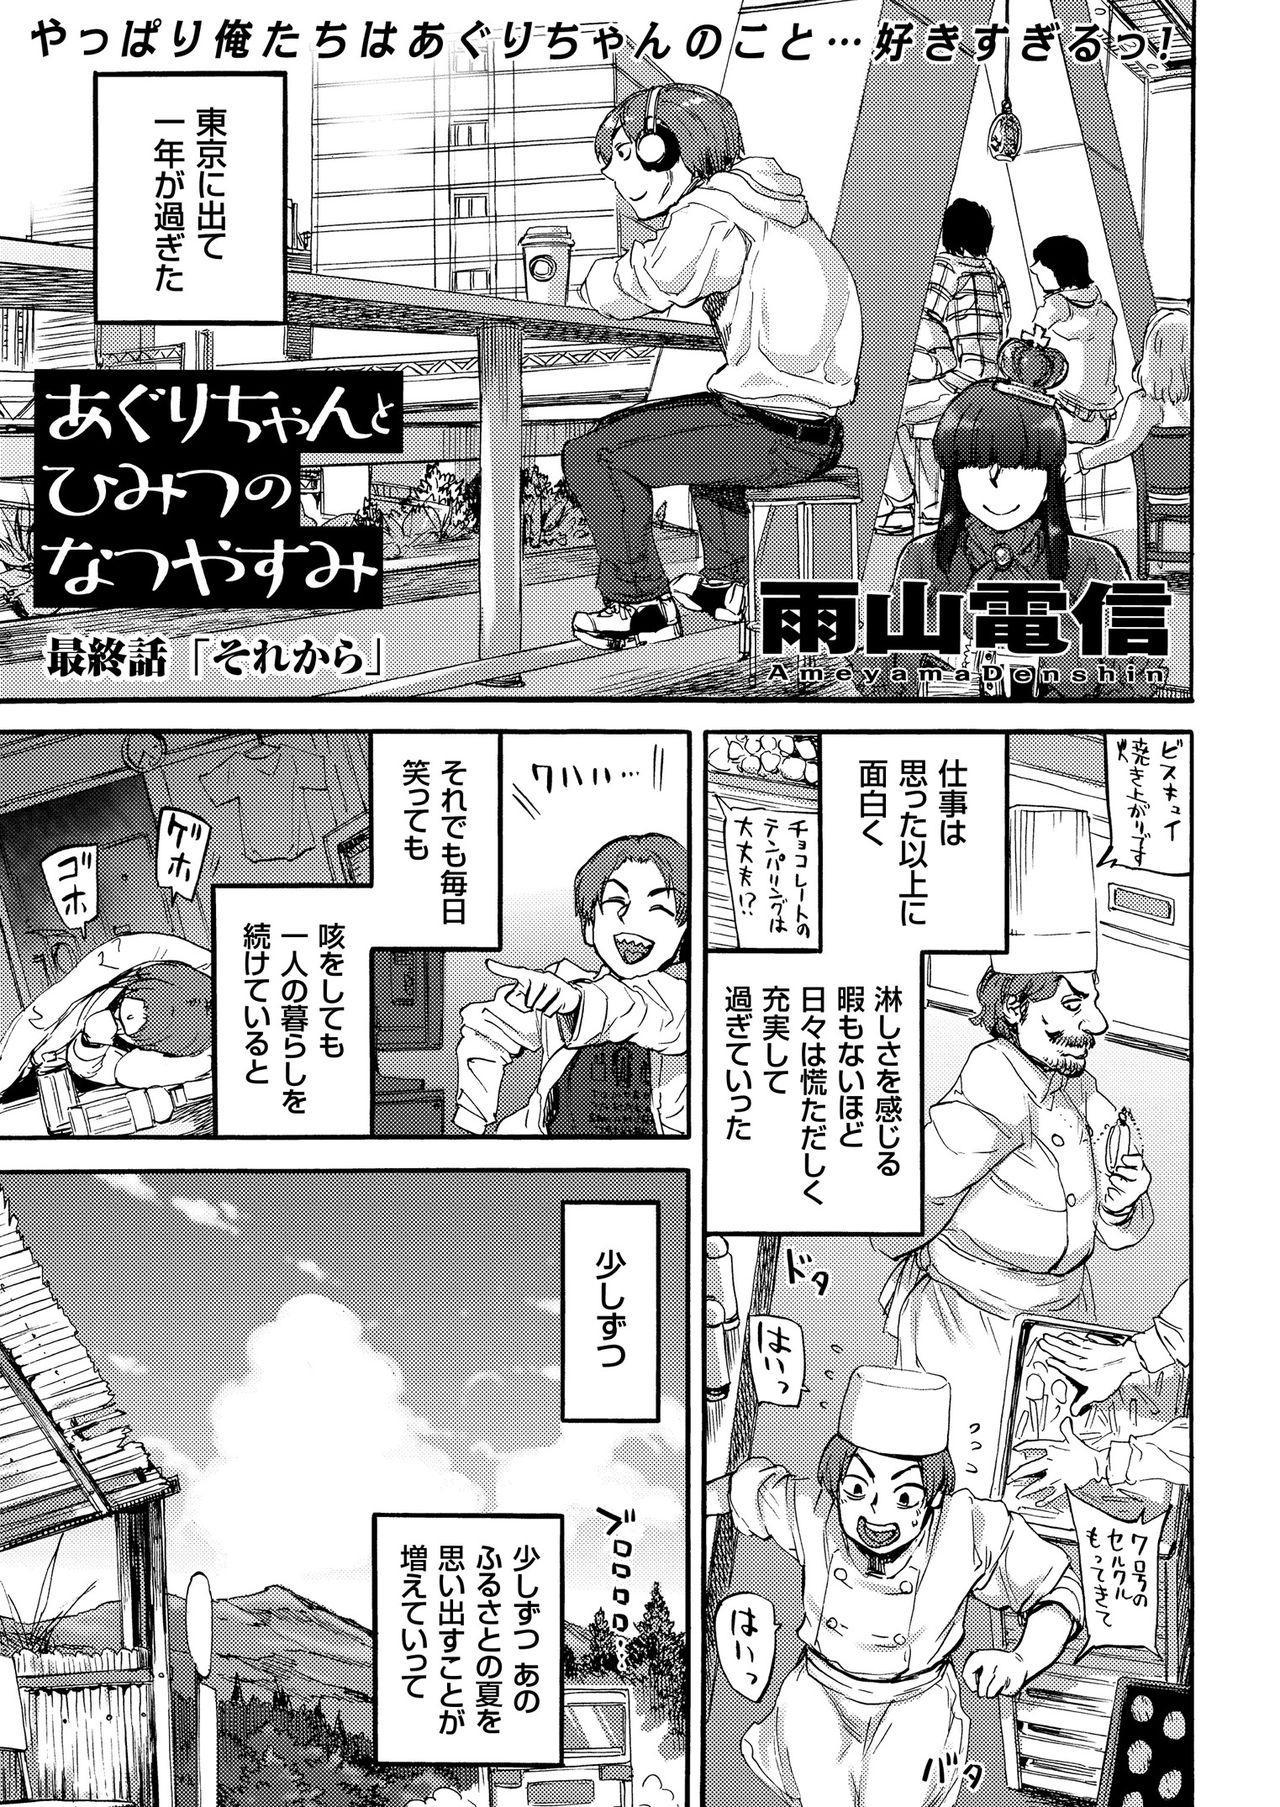 COMIC KURiBERON 2018-11 Vol. 73 148